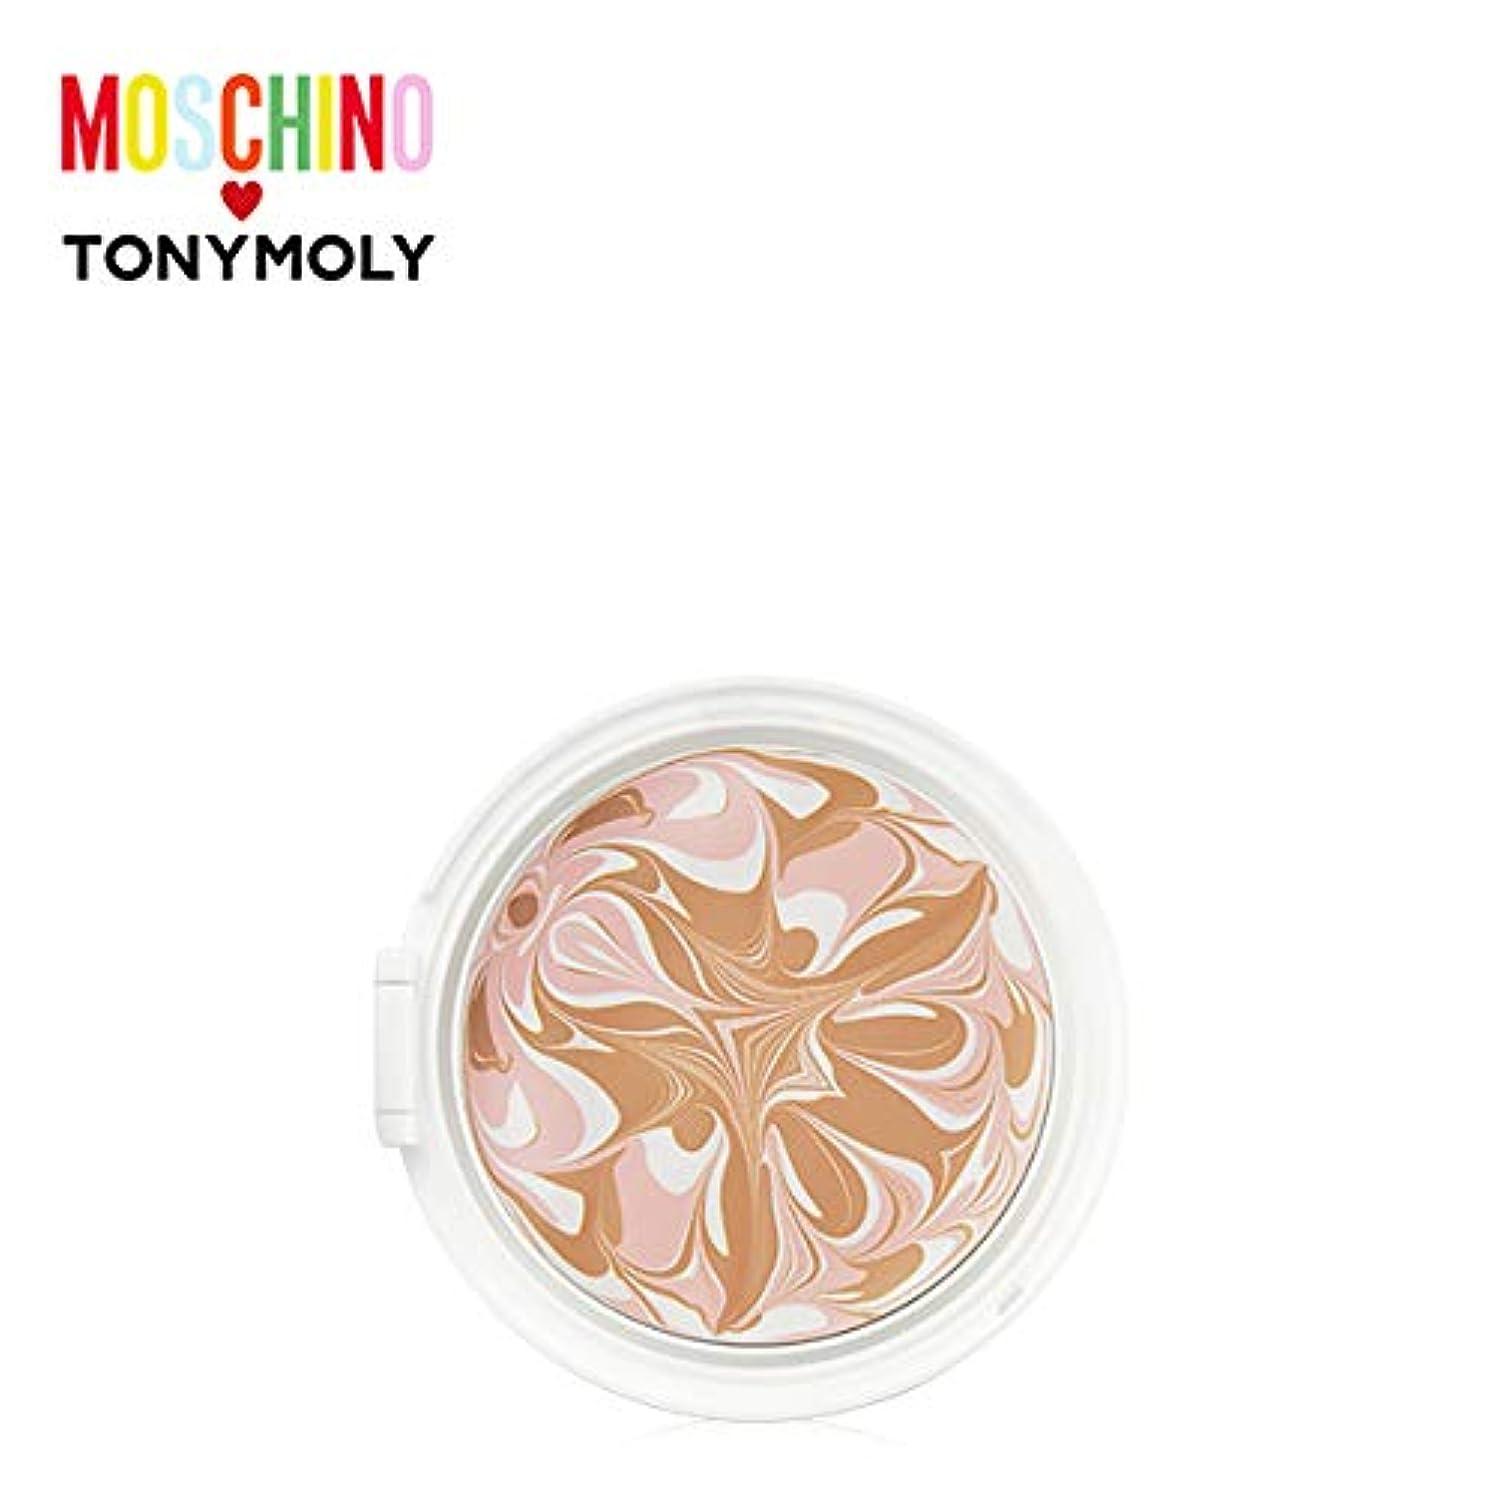 作成するエコー報酬TONYMOLY [MOSCHINO] Chic Skin Essence Pact -Refill #01 CHIC VANILLA トニーモリー [モスキーノ] シック スキン エッセンス パクト -リフィル [詰め...